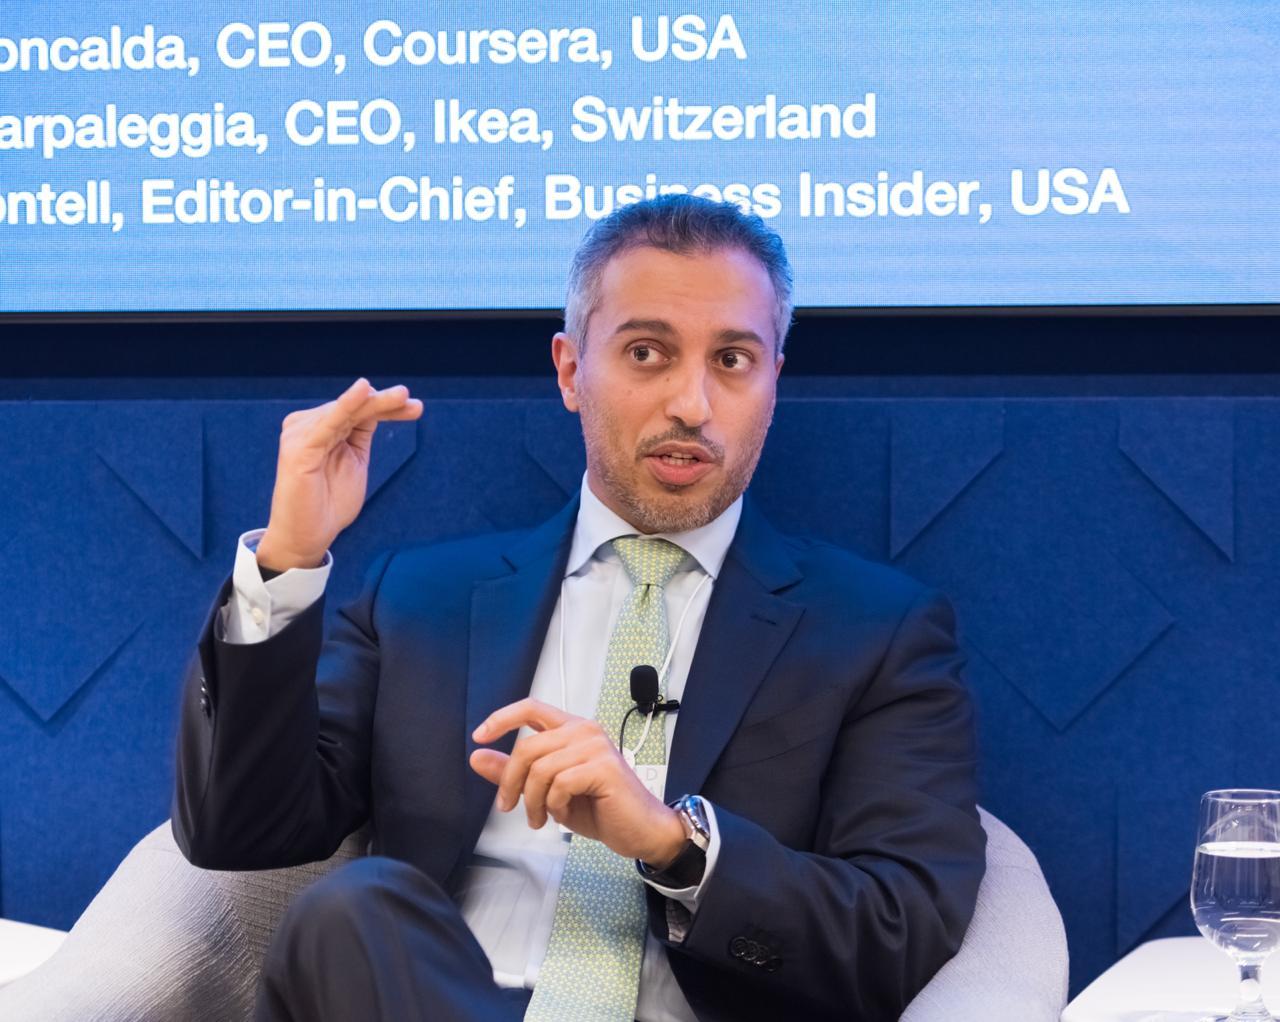 أحمد بالهول الفلاسي يناقش تحديات وظائف المستقبل في اجتماعات المنتدى الاقتصادي العالمي بنيويورك